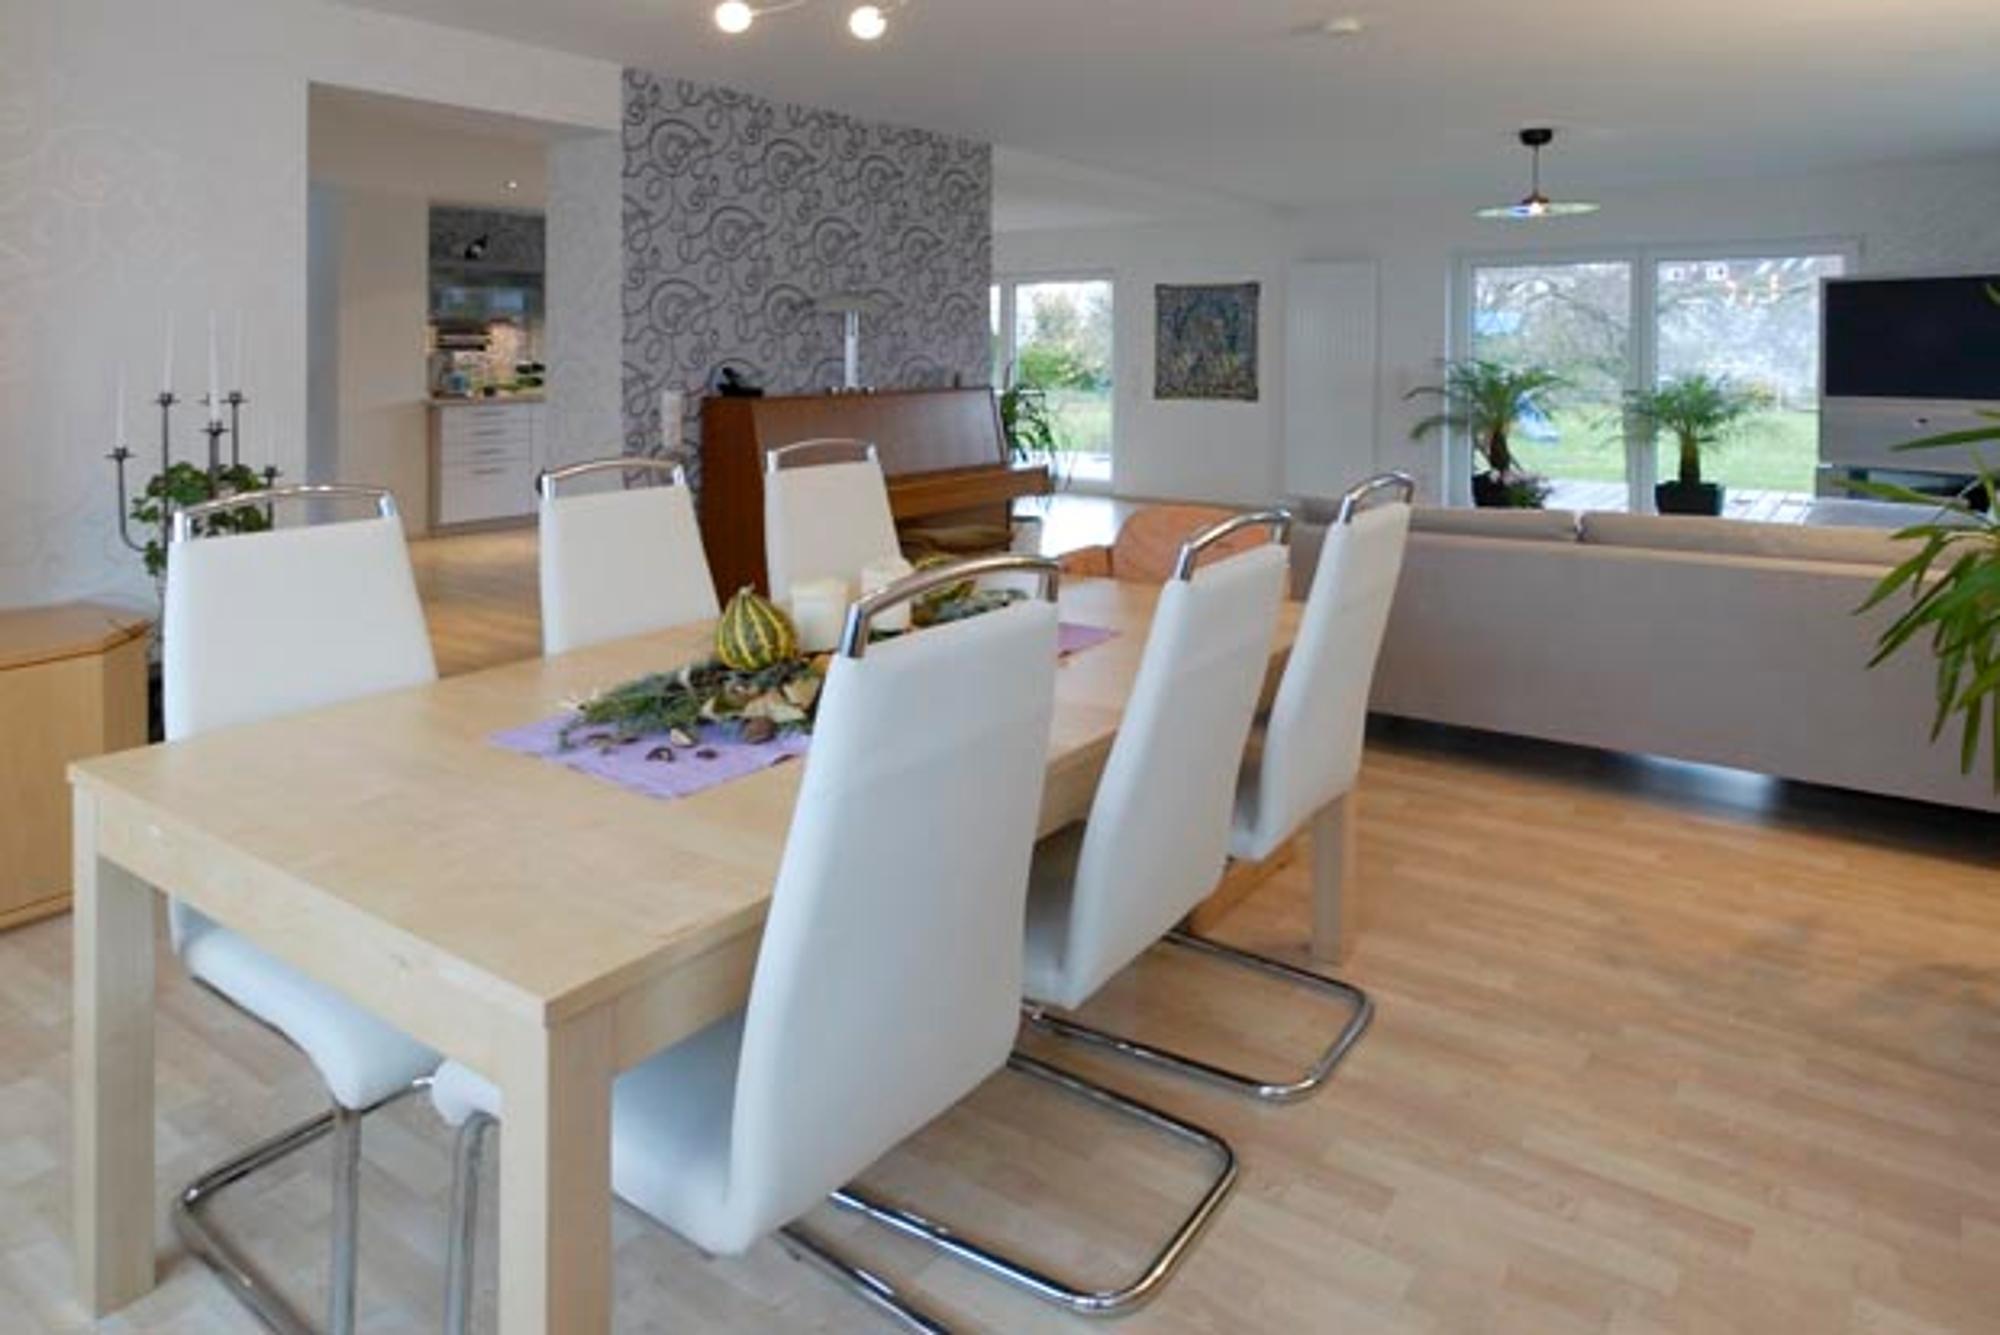 Wohntraume Ein Haus Wird Durch Eine Modernisierung Und Einen Anbau